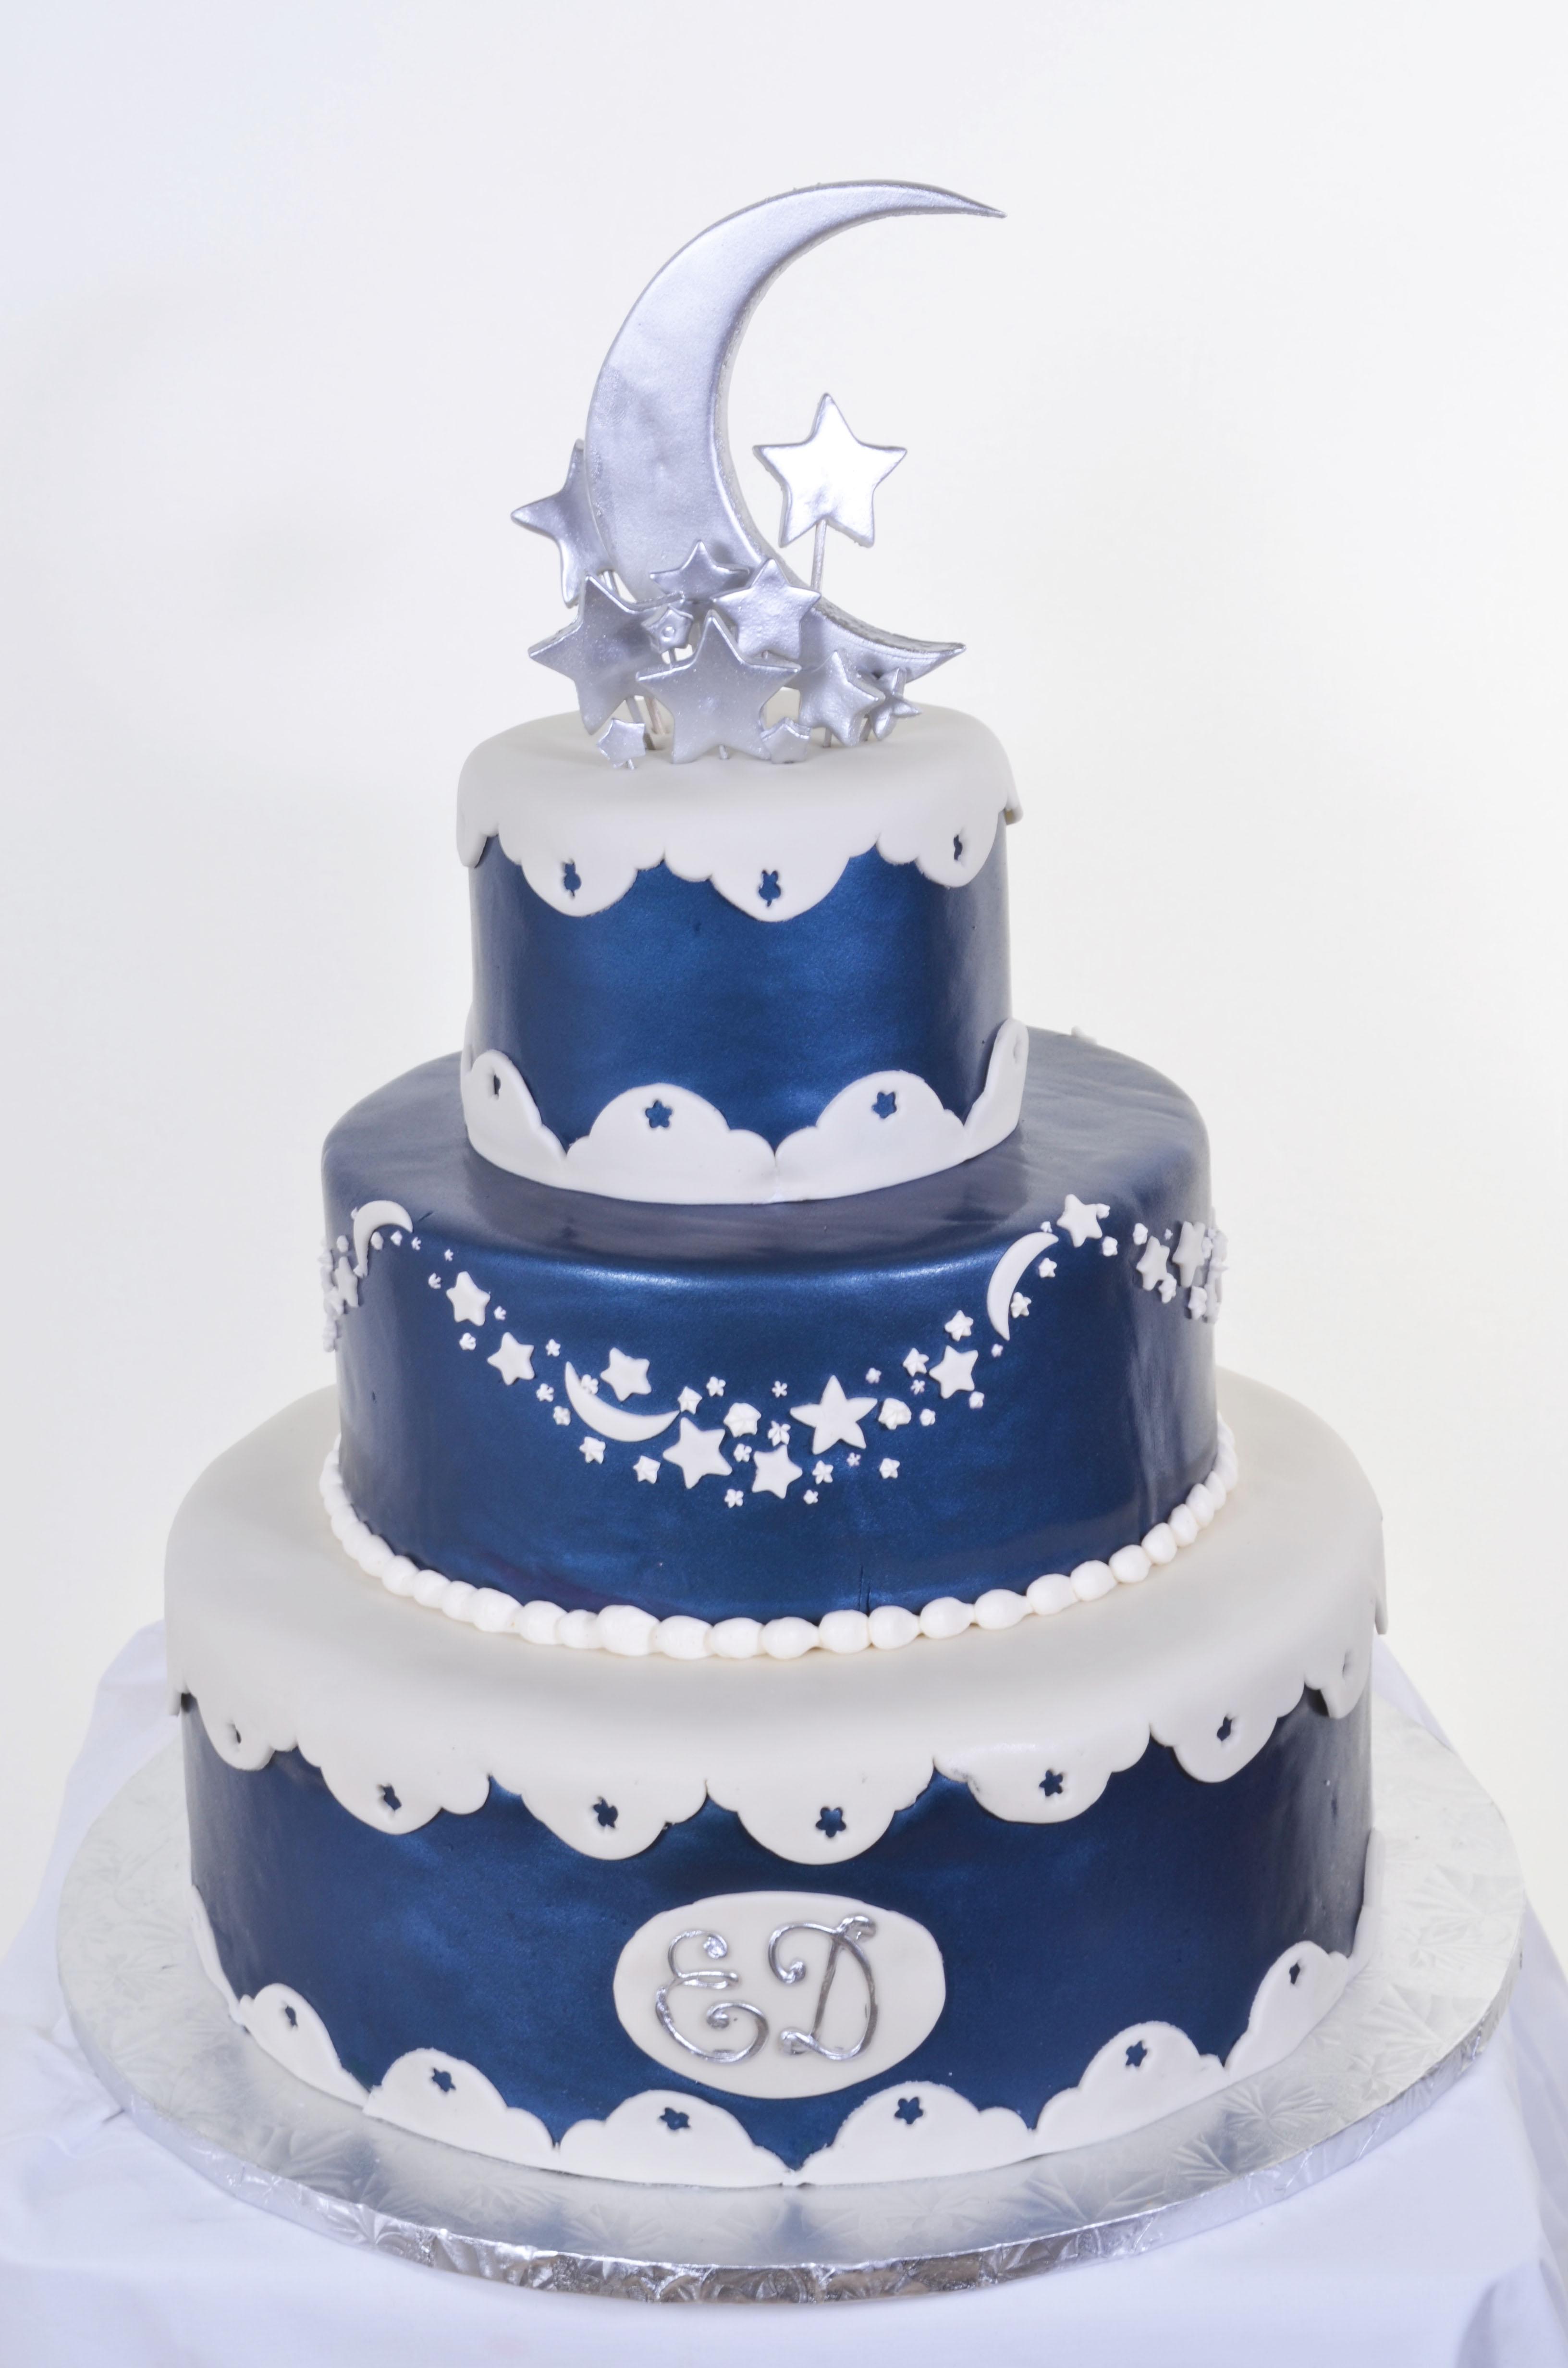 Pastry Palace Las Vegas - Wedding Cake #590 - Moon & Stars